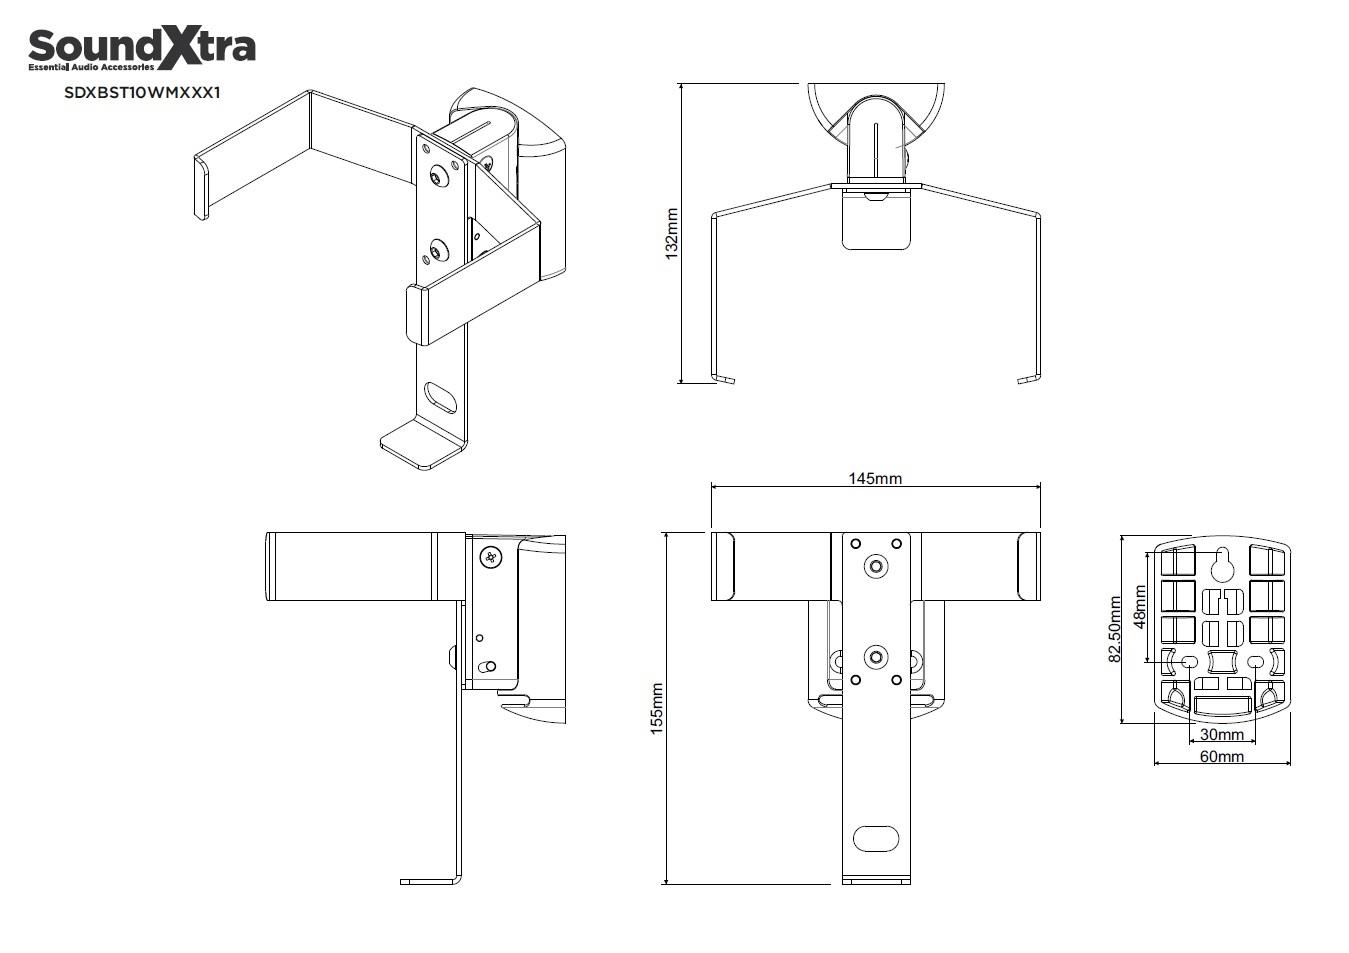 Wandhalter für Bose SoundTouch 10 schwarz